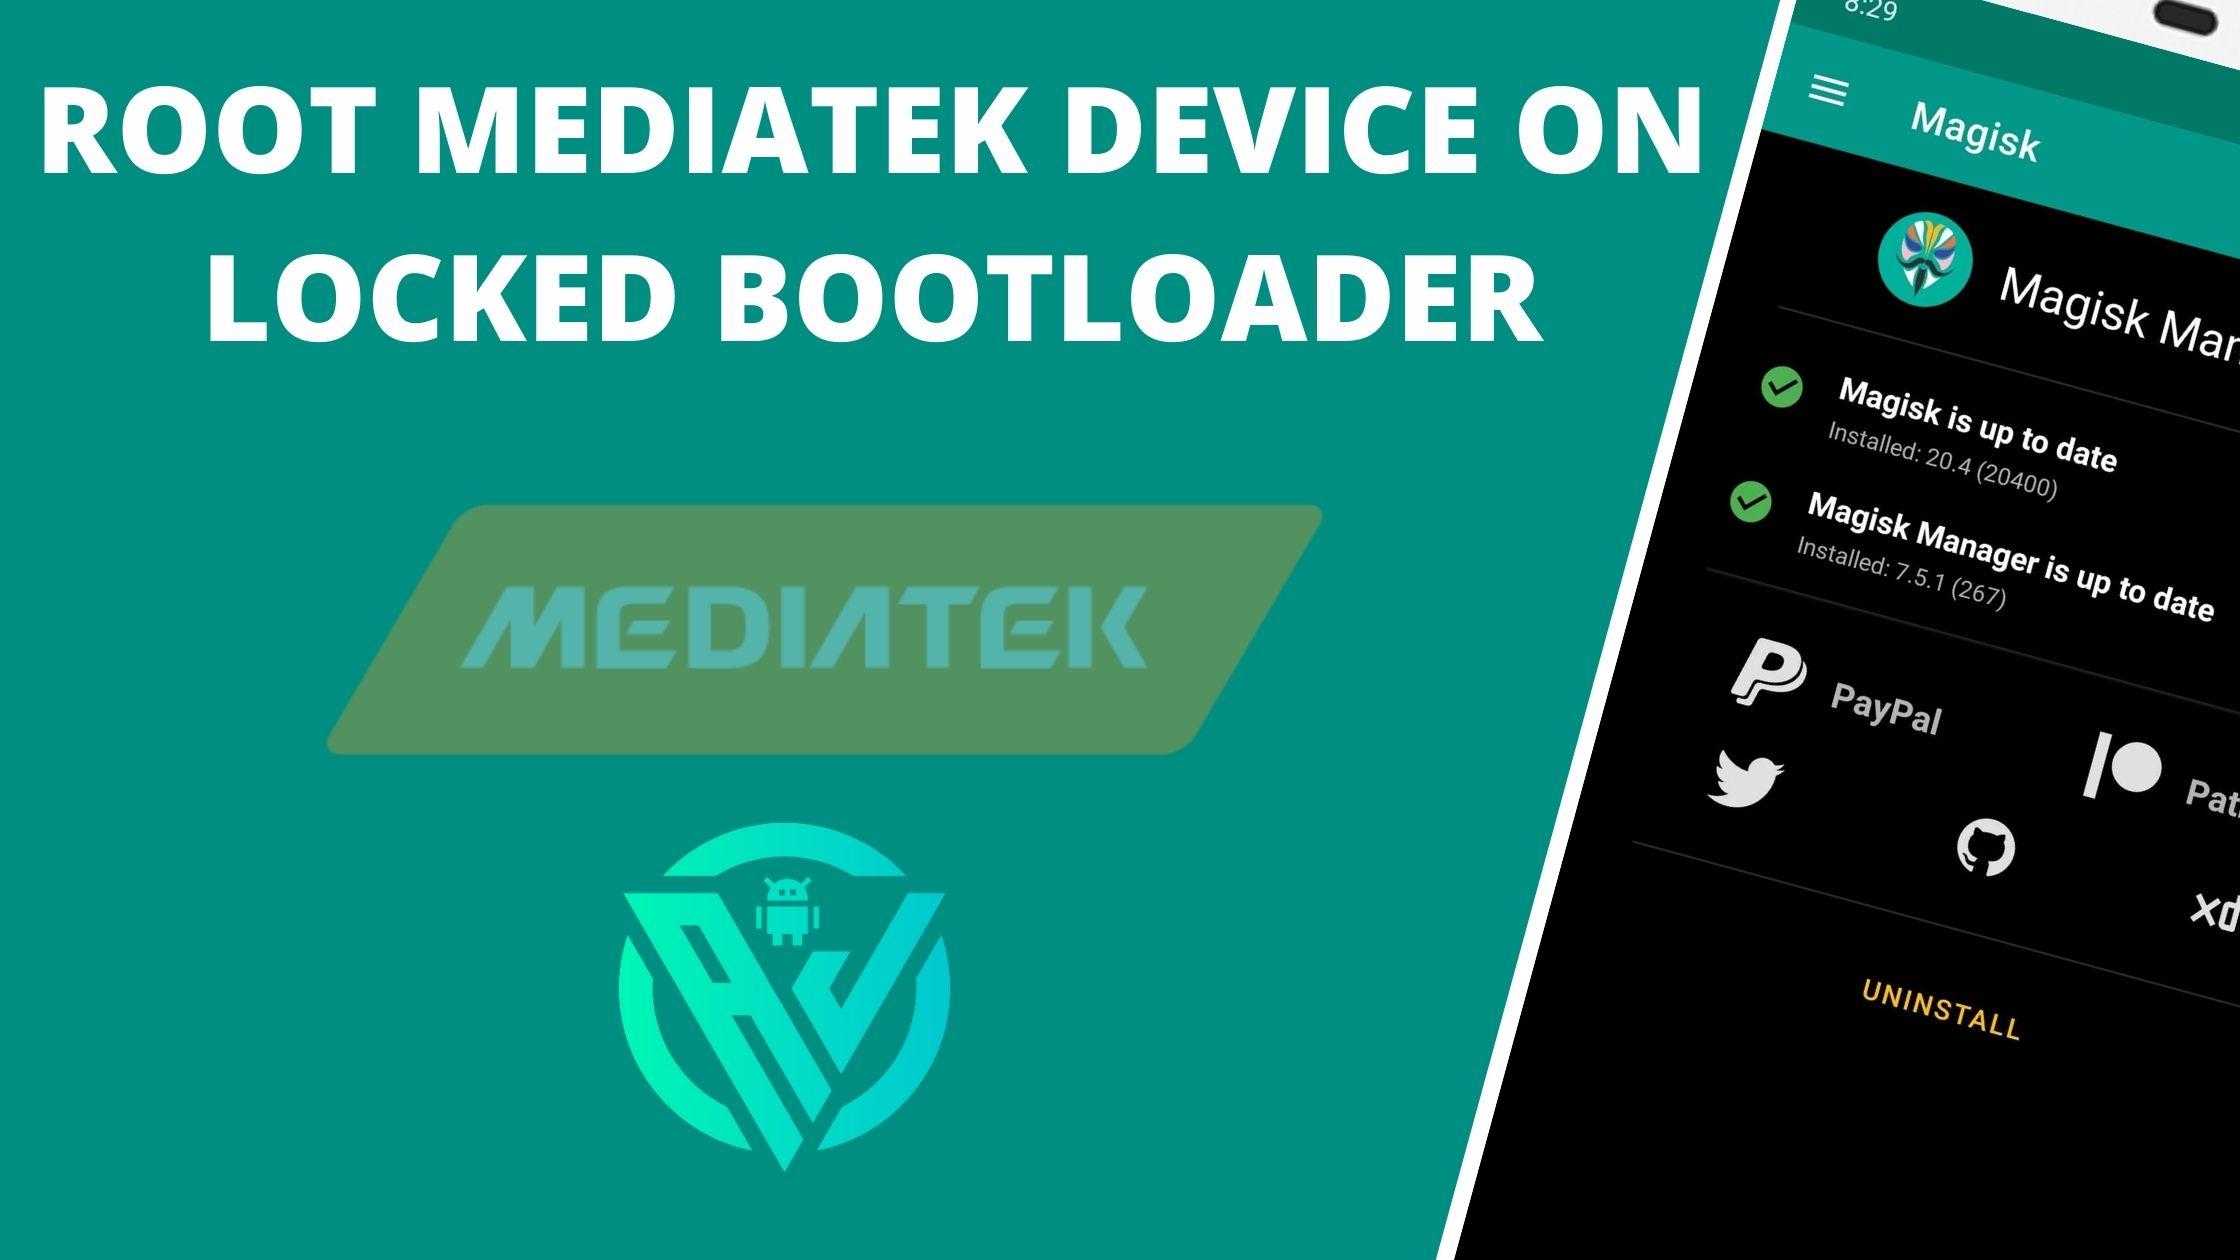 Dispositivo de raíz MediaTek en el cargador de arranque bloqueado